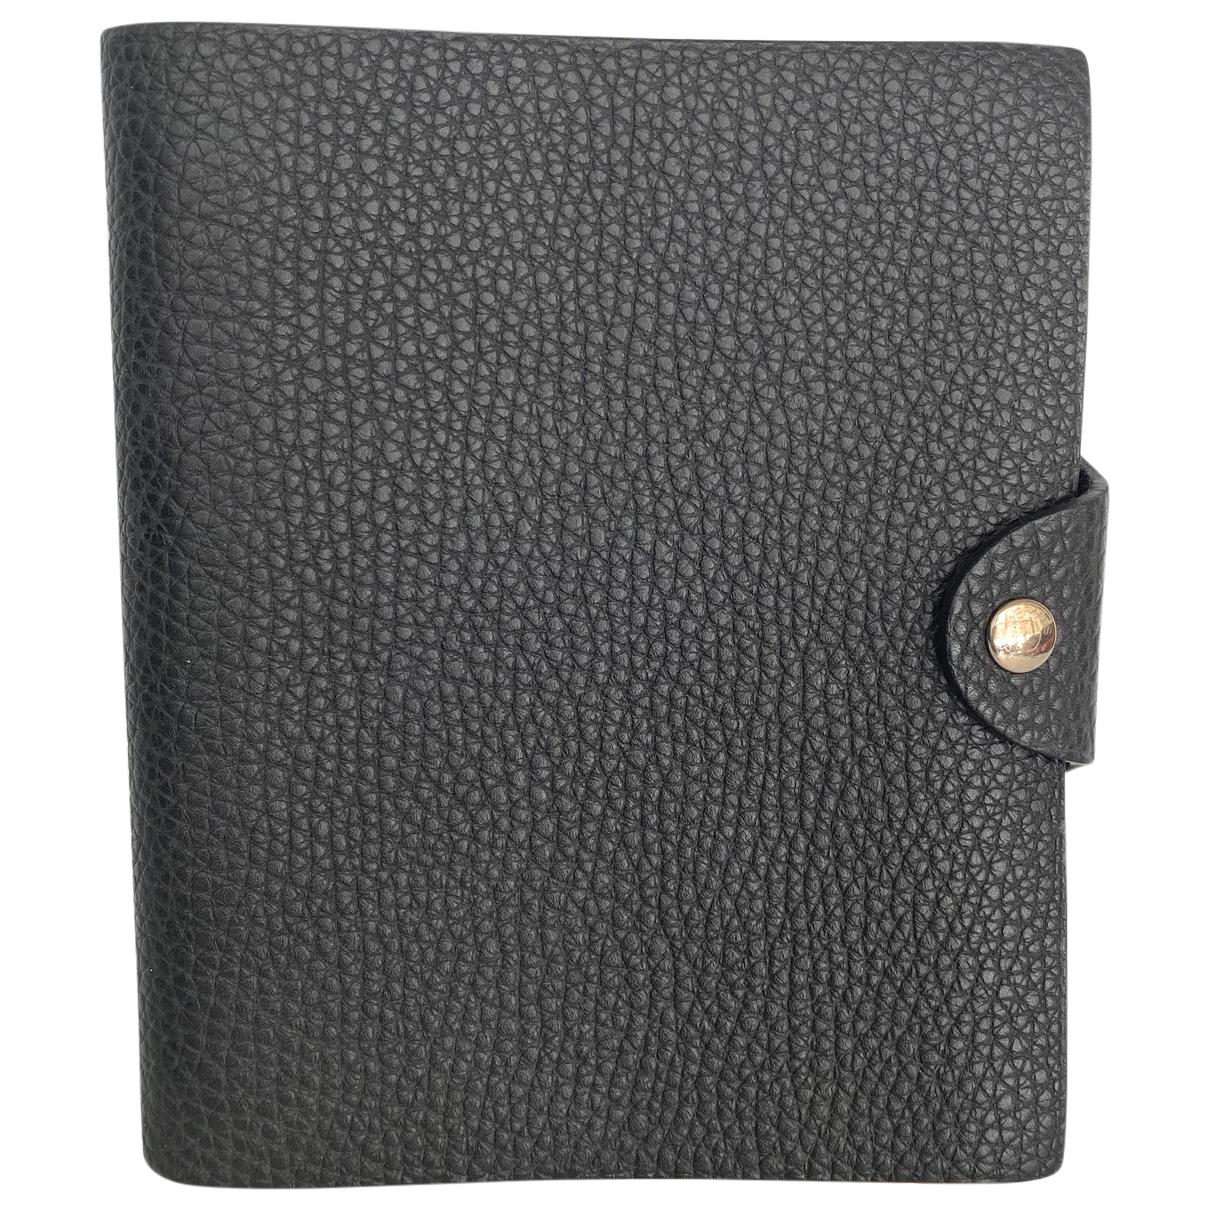 Hermes - Objets & Deco Ulysse PM pour lifestyle en cuir - noir